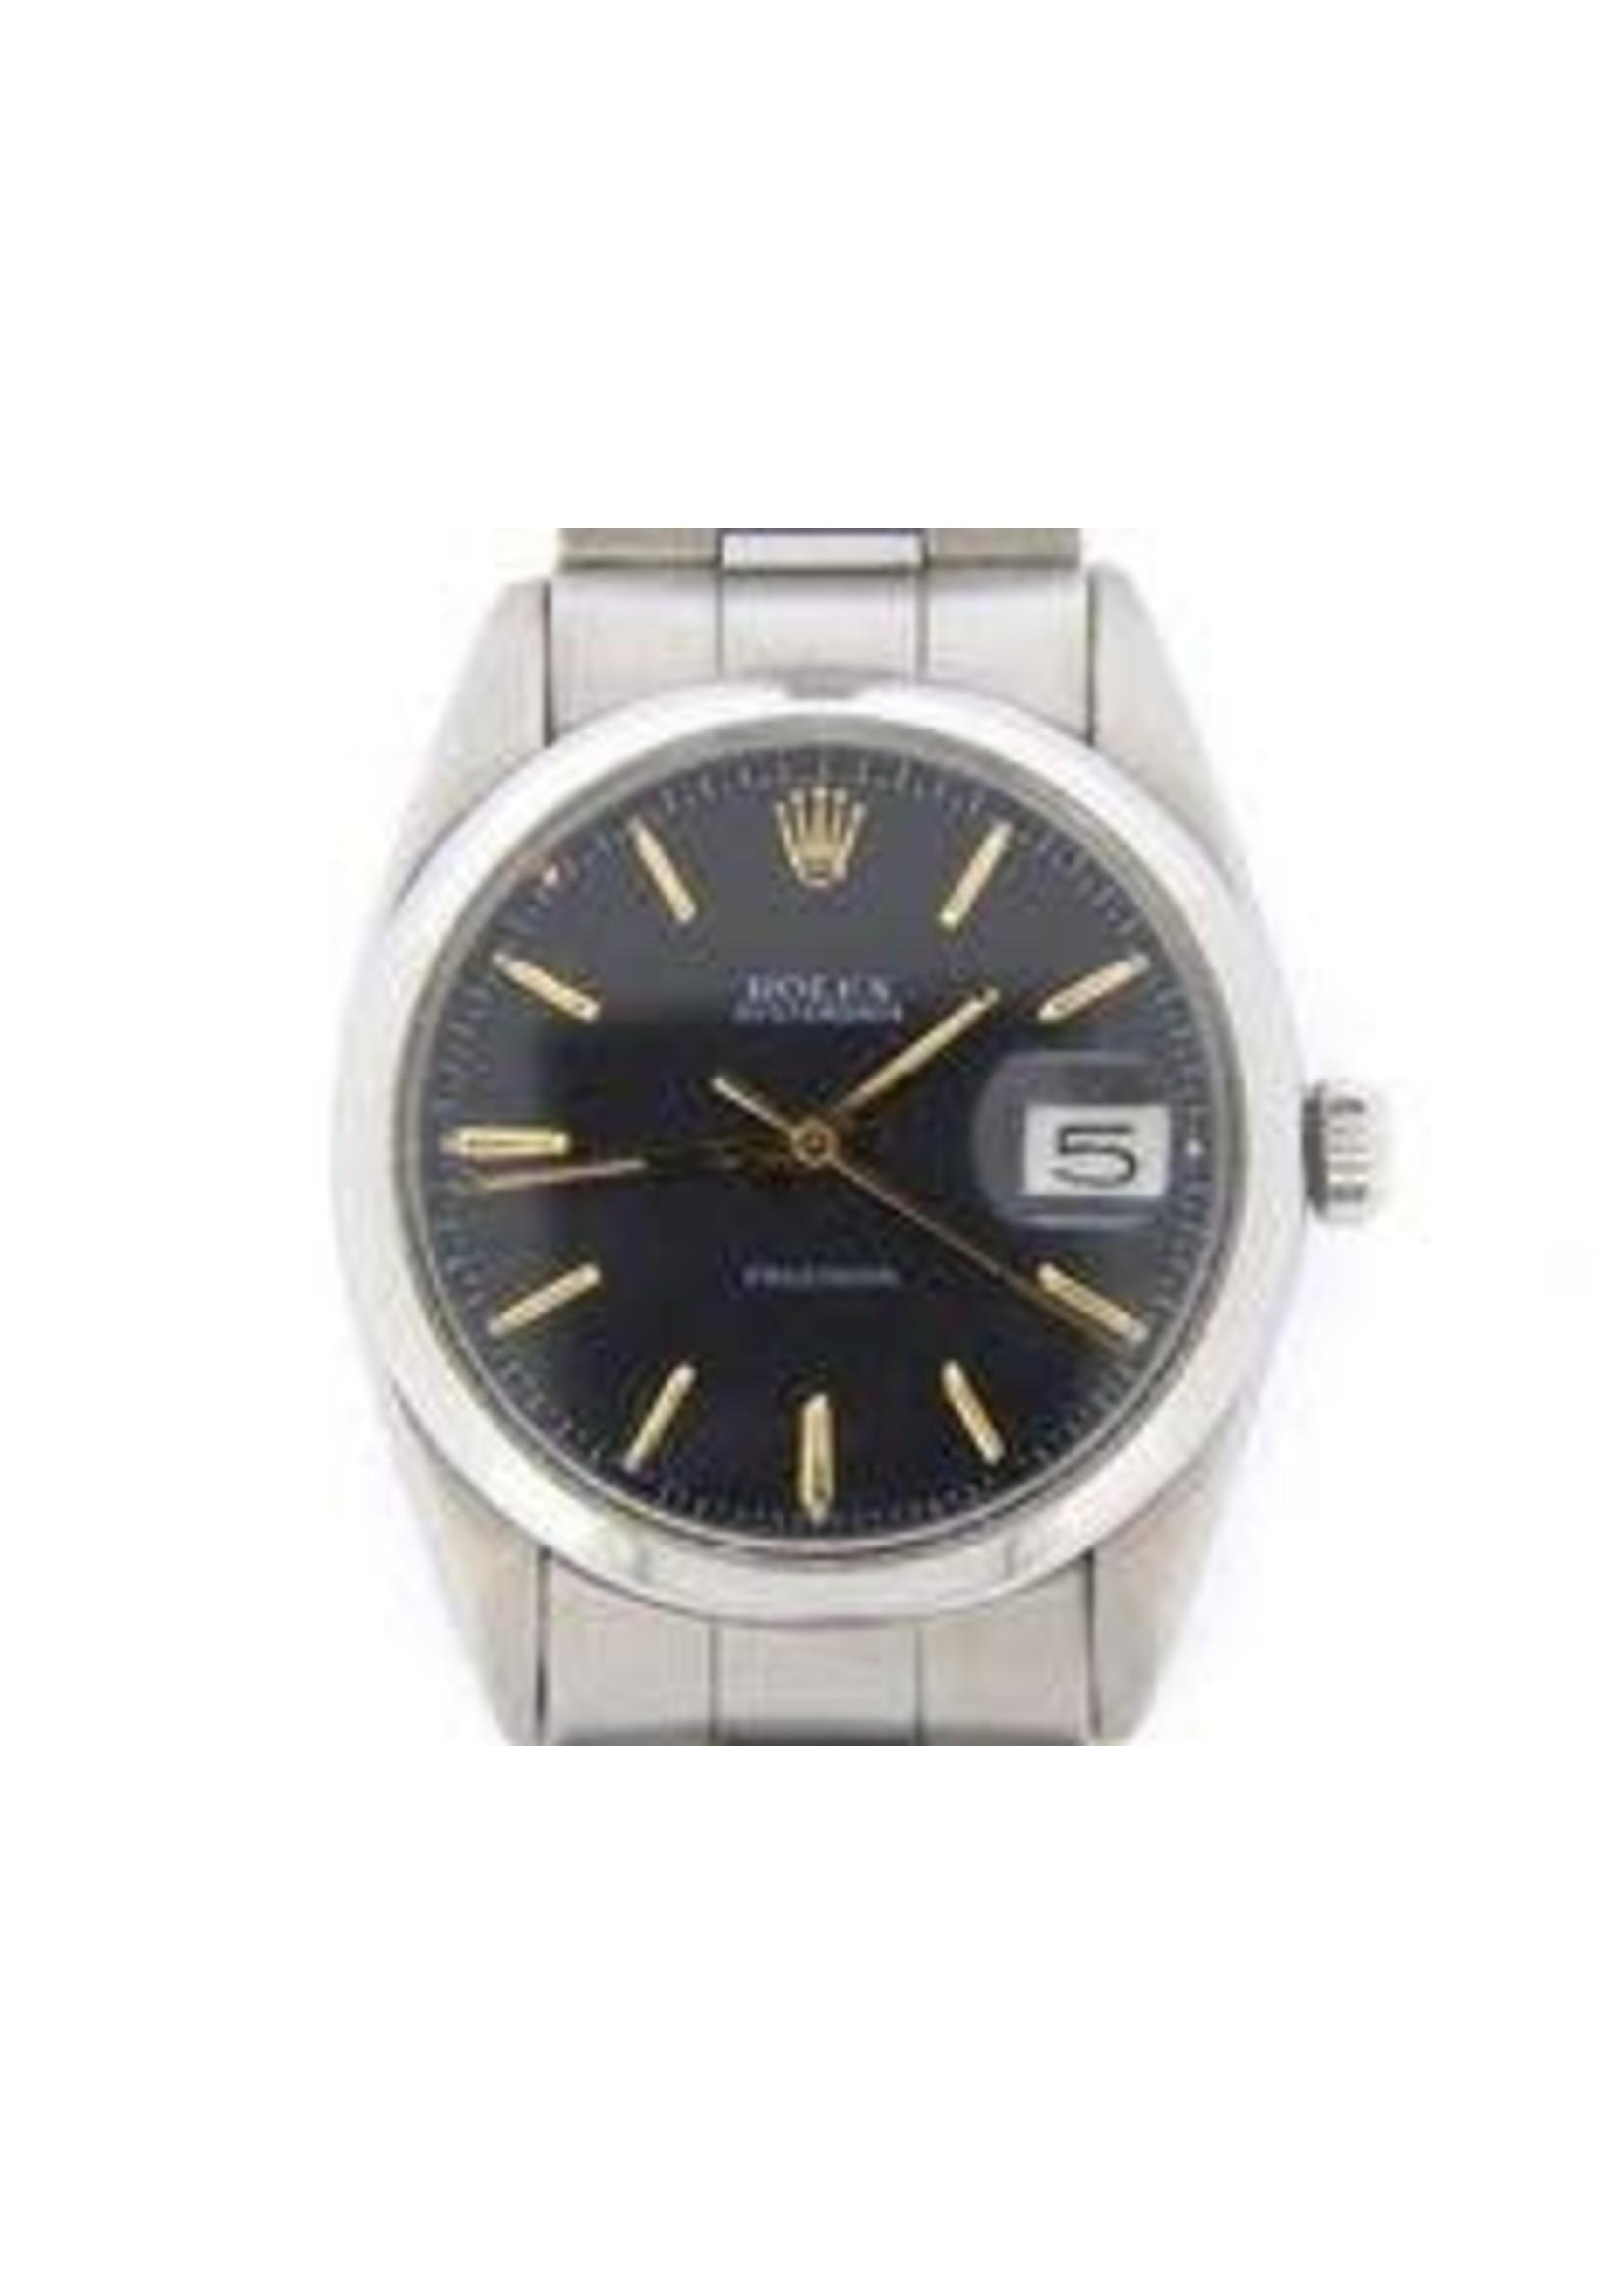 Rolex ROLEX OYSTERDATE PRECISION #6694 (1983)